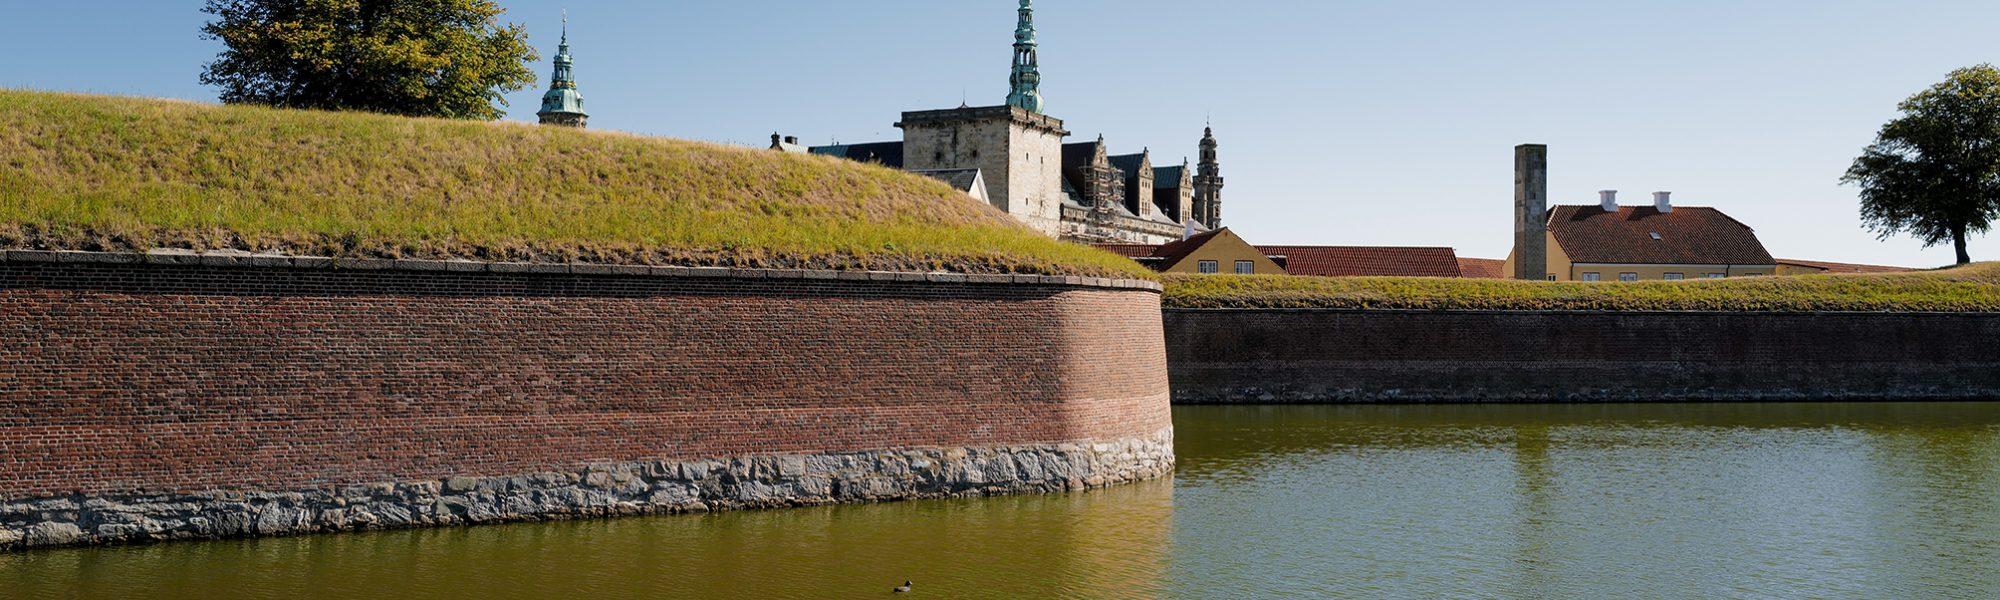 Kasteel Kronborg - Helsingør